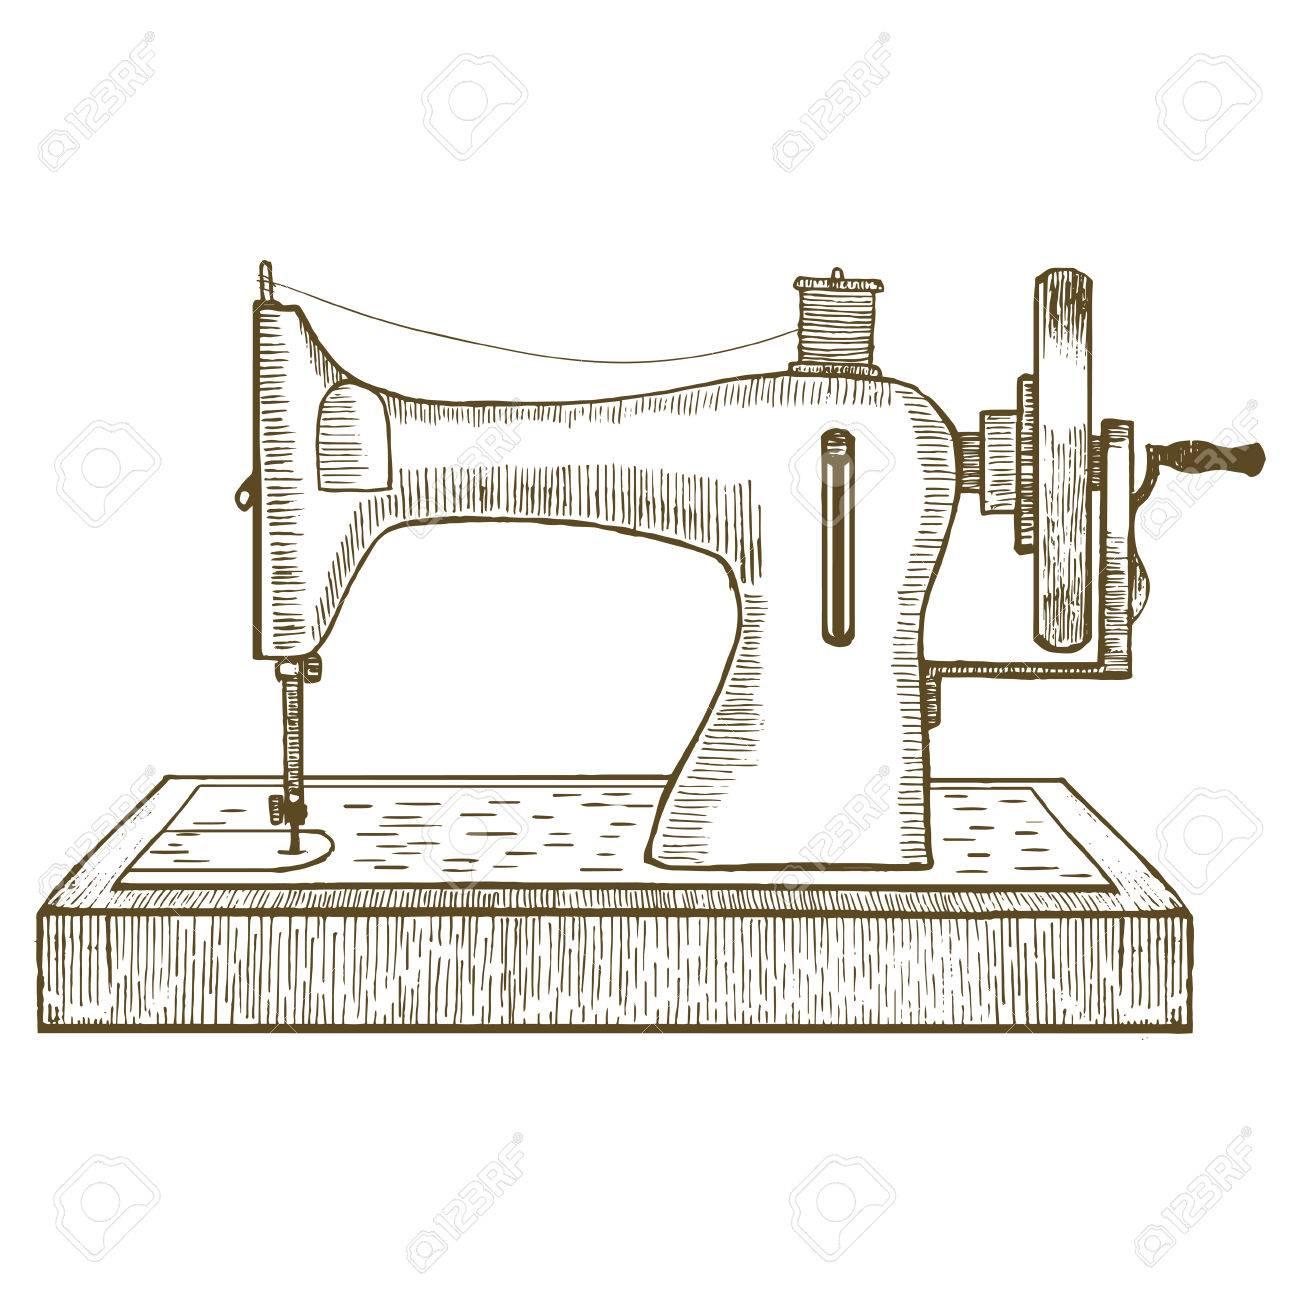 Extrêmement Machine à Coudre à La Main Dessiner Sketch Pour Votre Conception  YT44